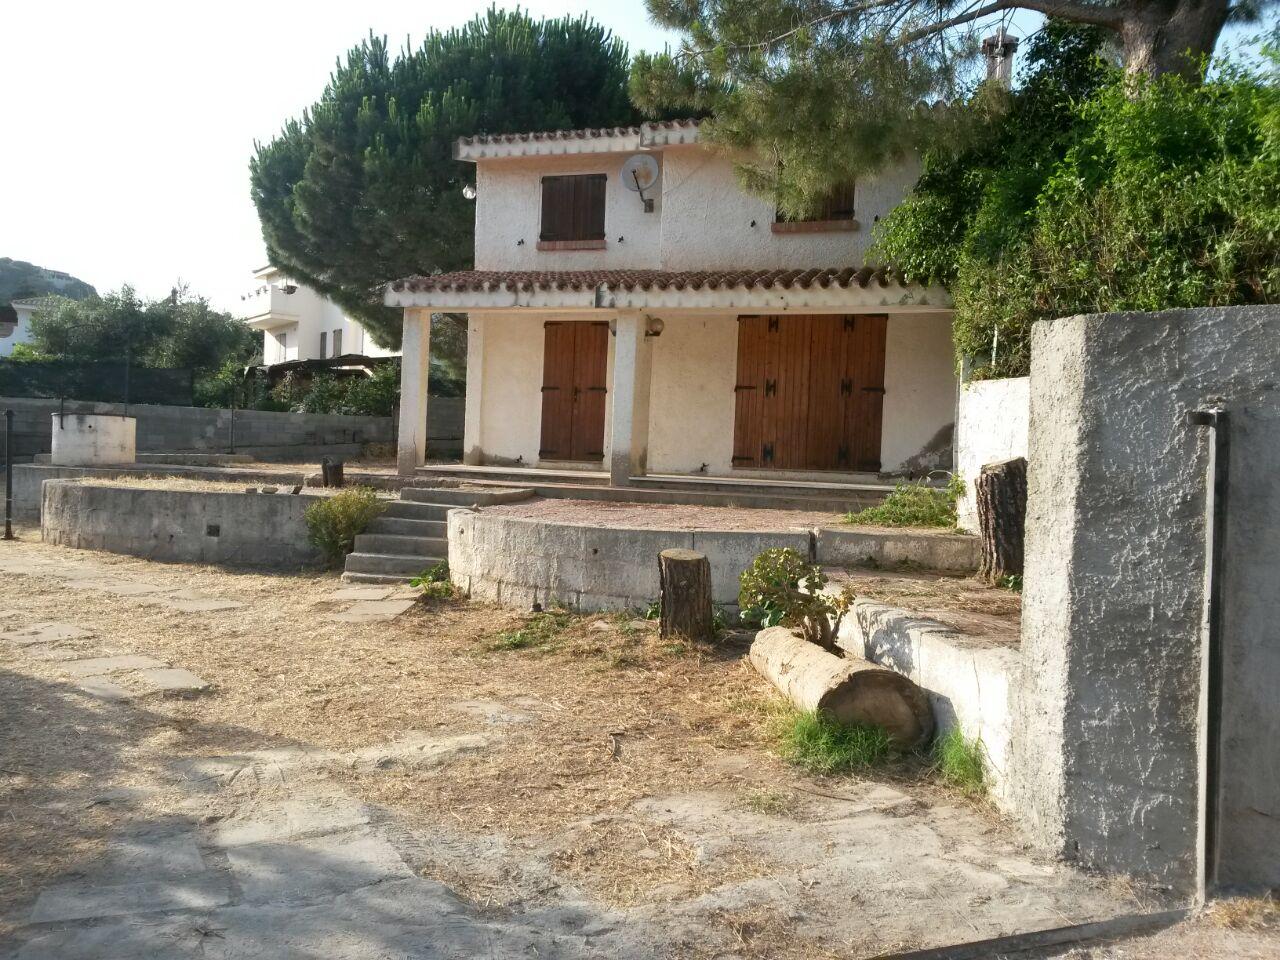 Villa in vendita a Maracalagonis, 5 locali, zona Località: TorredelleStelle, prezzo € 220.000 | Cambio Casa.it